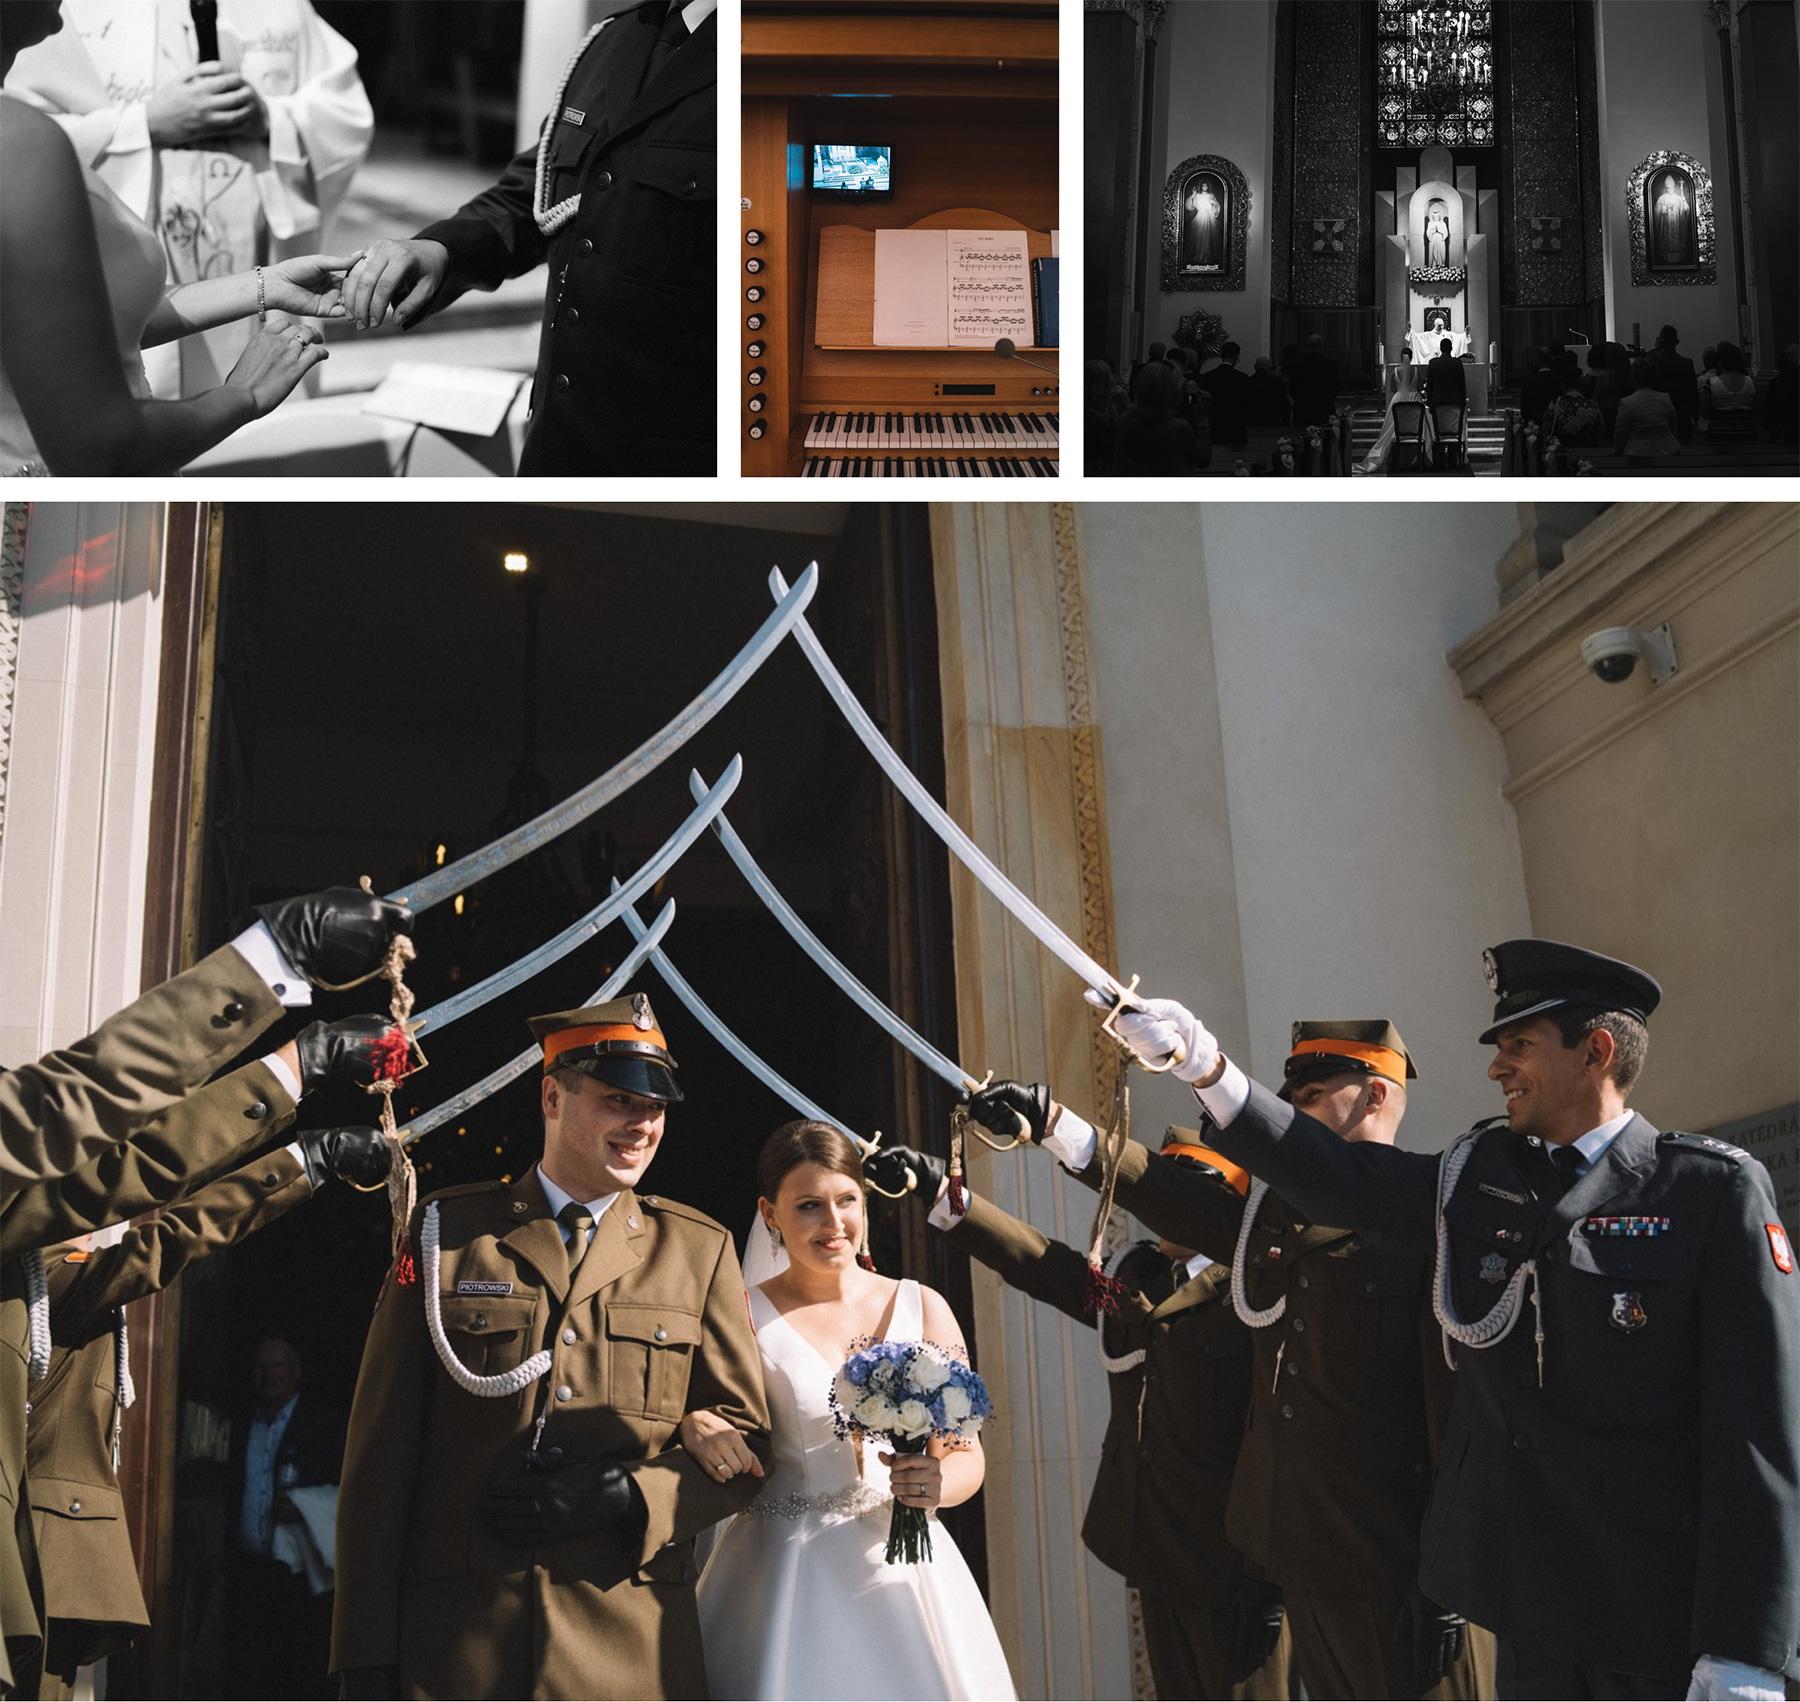 ślub kościelny katedra polowa wojska polskiego piękny kościół ślubowanie ślub mundurowy fotografia ślubna fotograf ślubny warszawa praga łódź